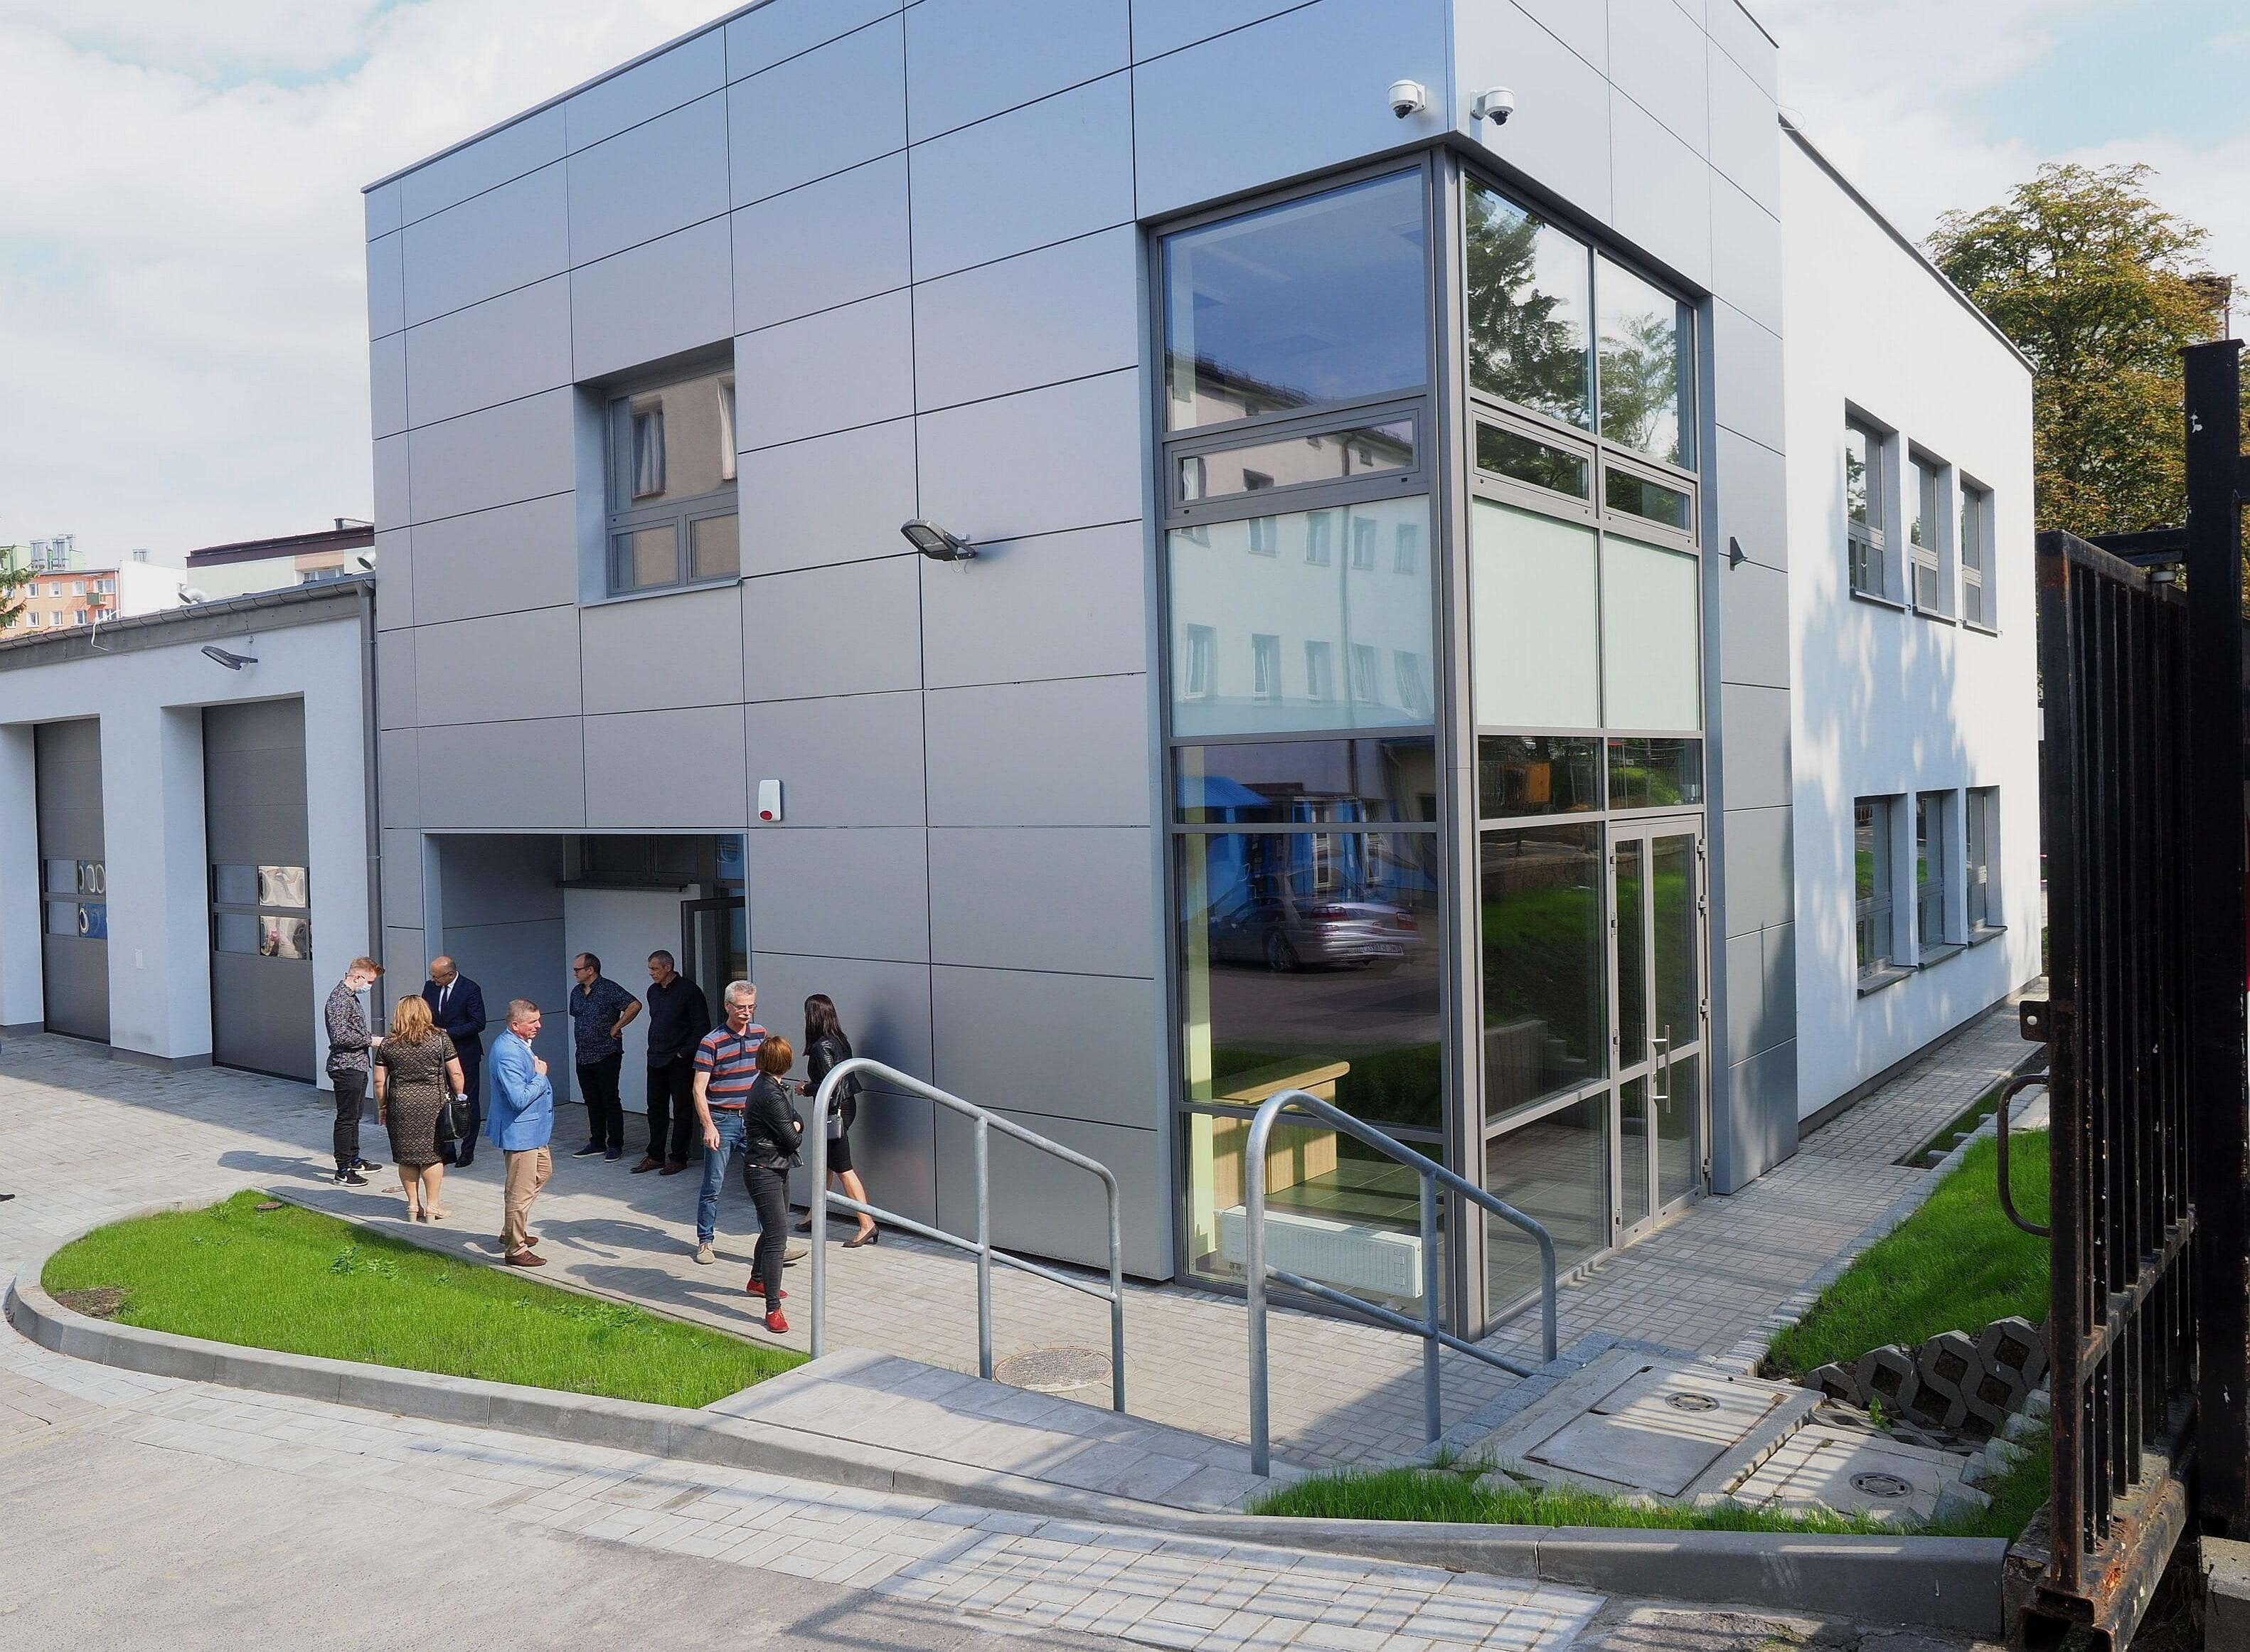 Zespół Szkół Samochodowych im. St. Syroczyńskiego w Lublinie ma nowy budynek i sprzęt - Zdjęcie główne